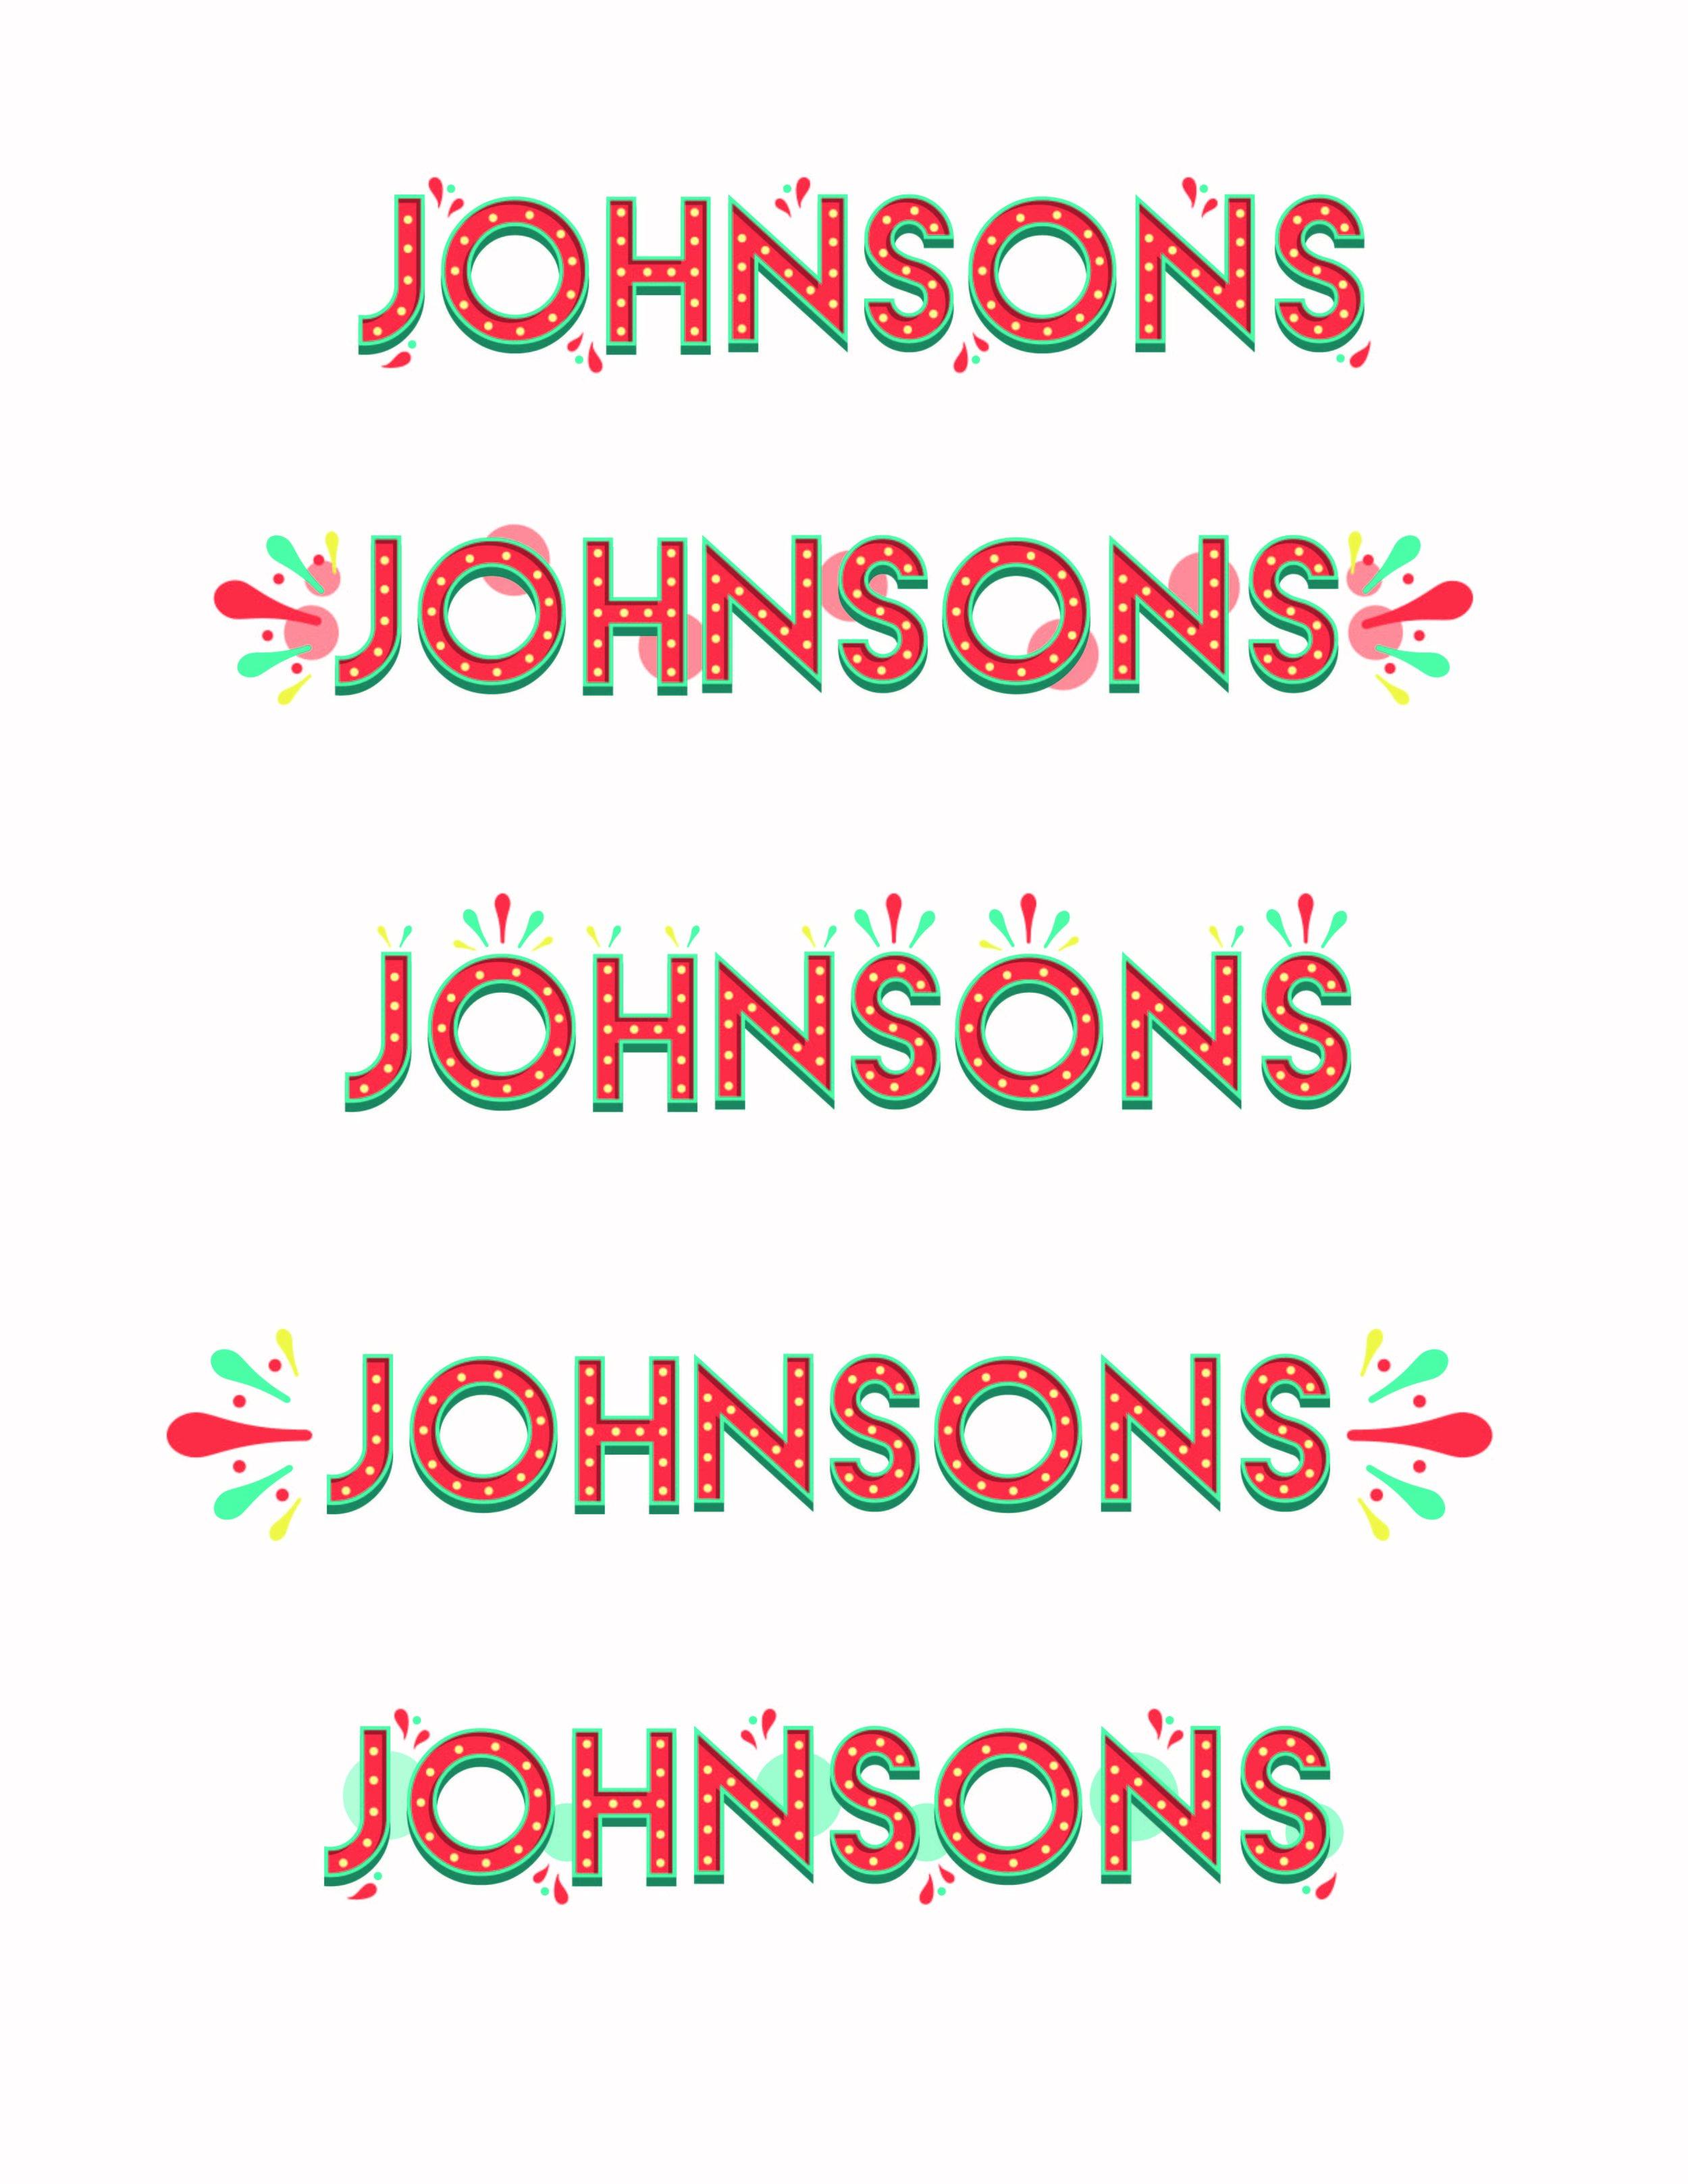 johnsons popcorn logo ideas3-03.jpg